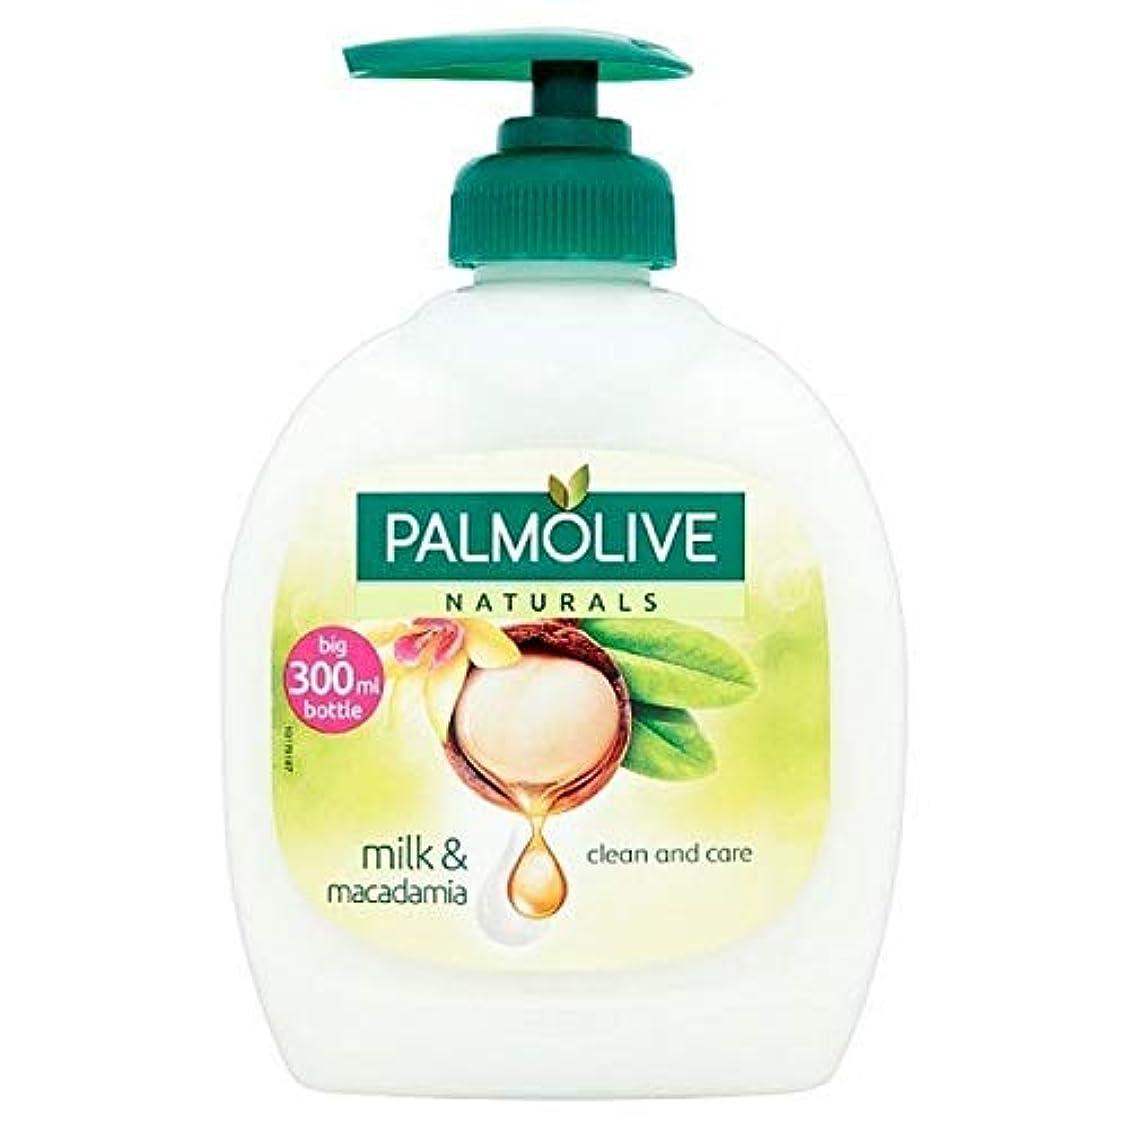 かろうじて構成熱狂的な[Palmolive ] パルモライブナチュラルマカダミア&バニラ液体手洗いの300ミリリットル - Palmolive Naturals Macadamia & Vanilla Liquid Handwash 300ml...